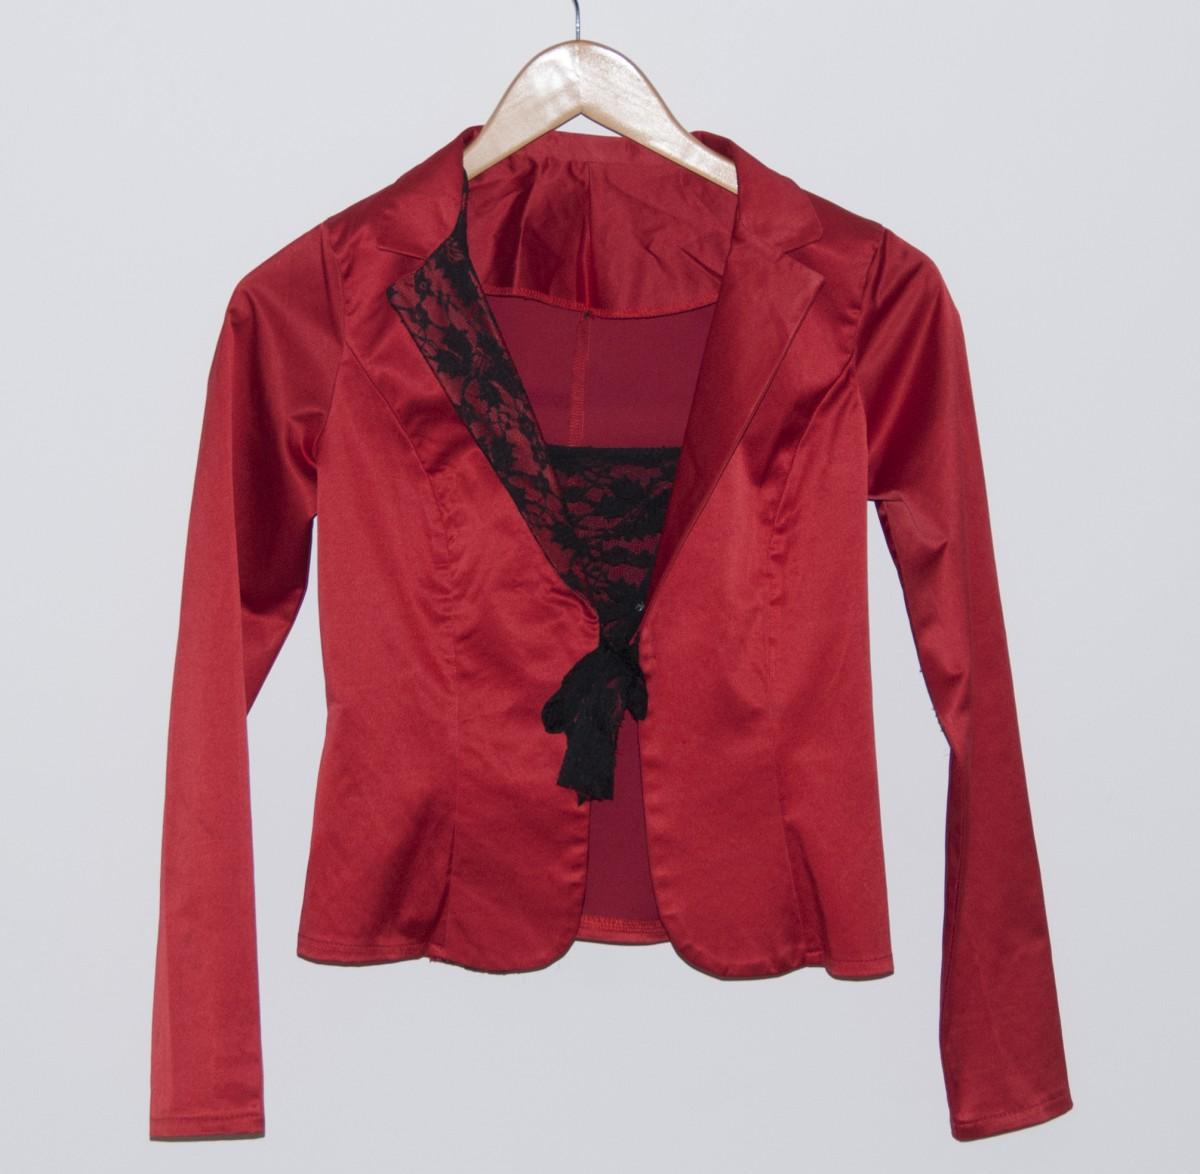 Атласный пиджак с кружевом, S